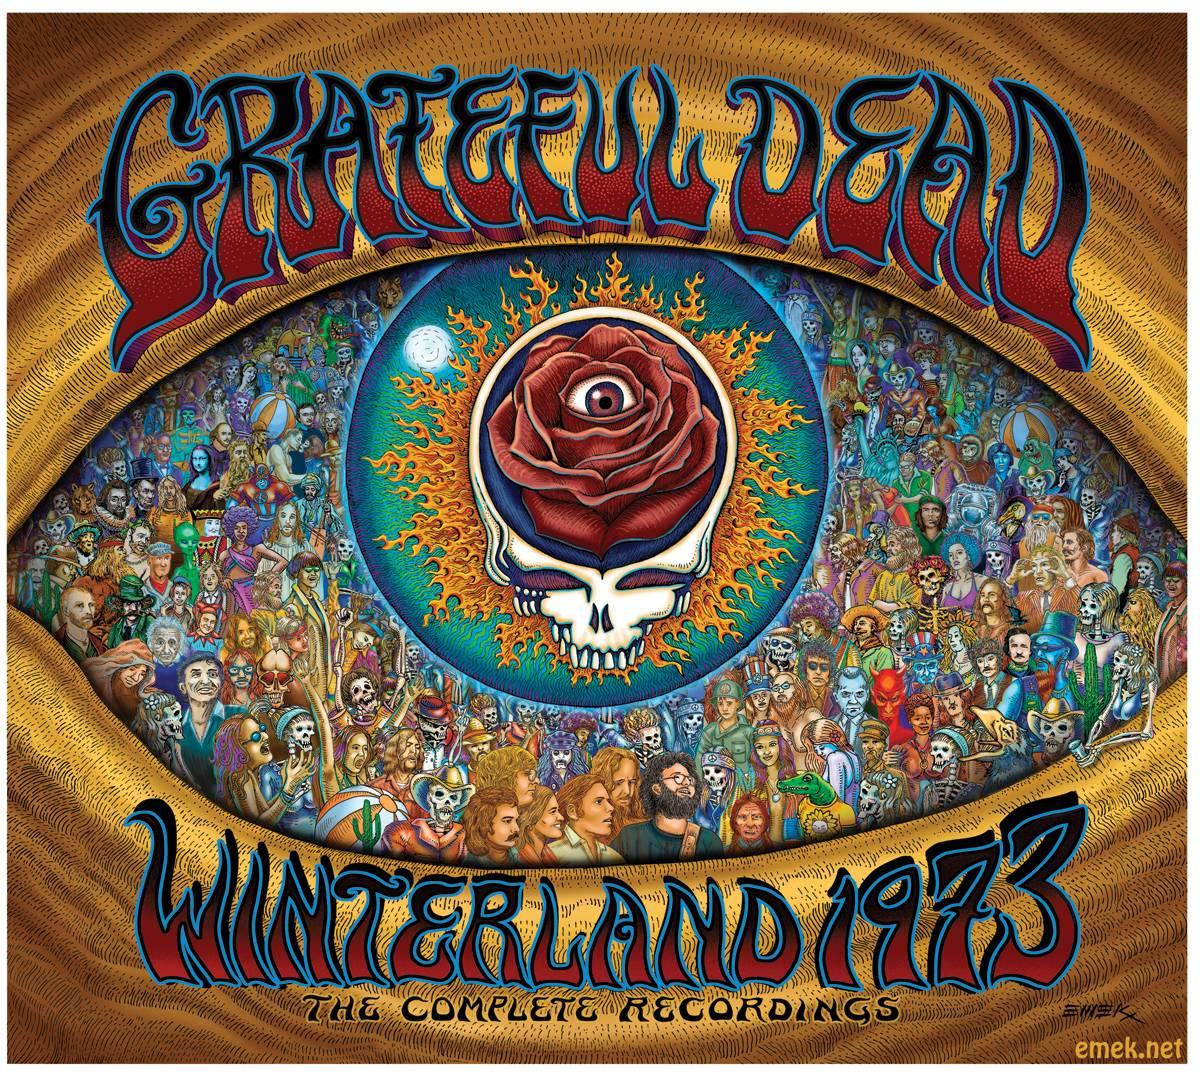 Grateful Dead Backgrounds 1200x1077